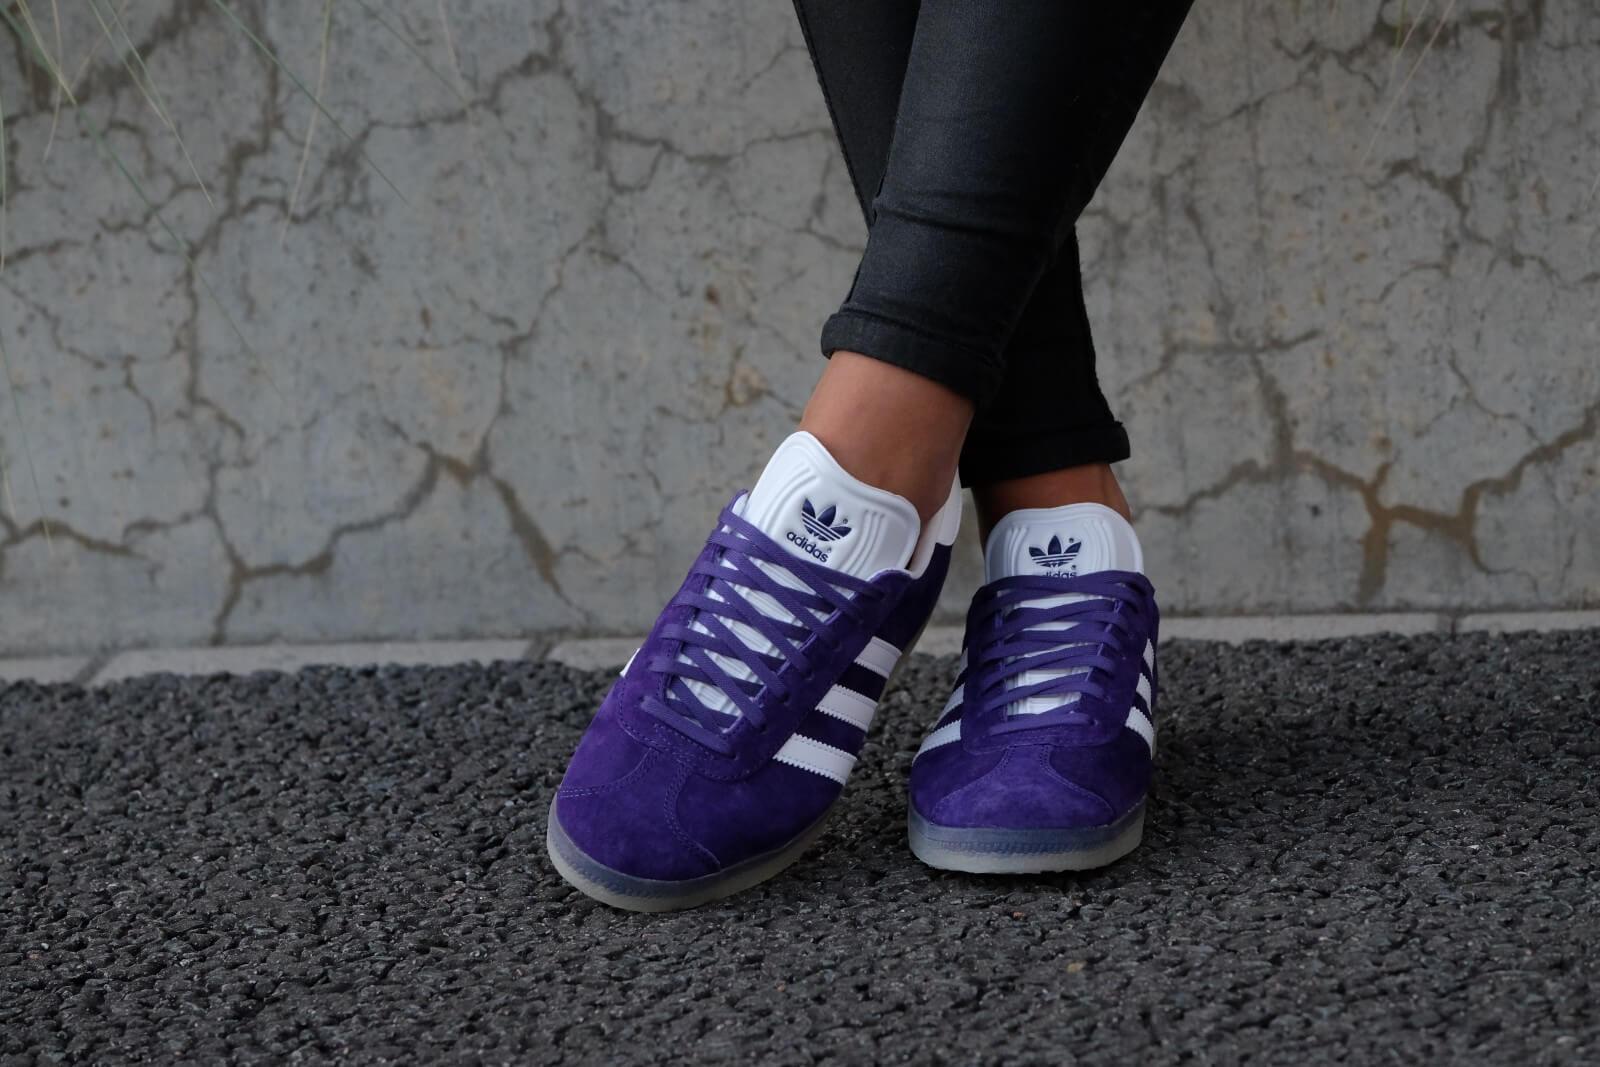 Adidas Gazelle Unity Purple/ White